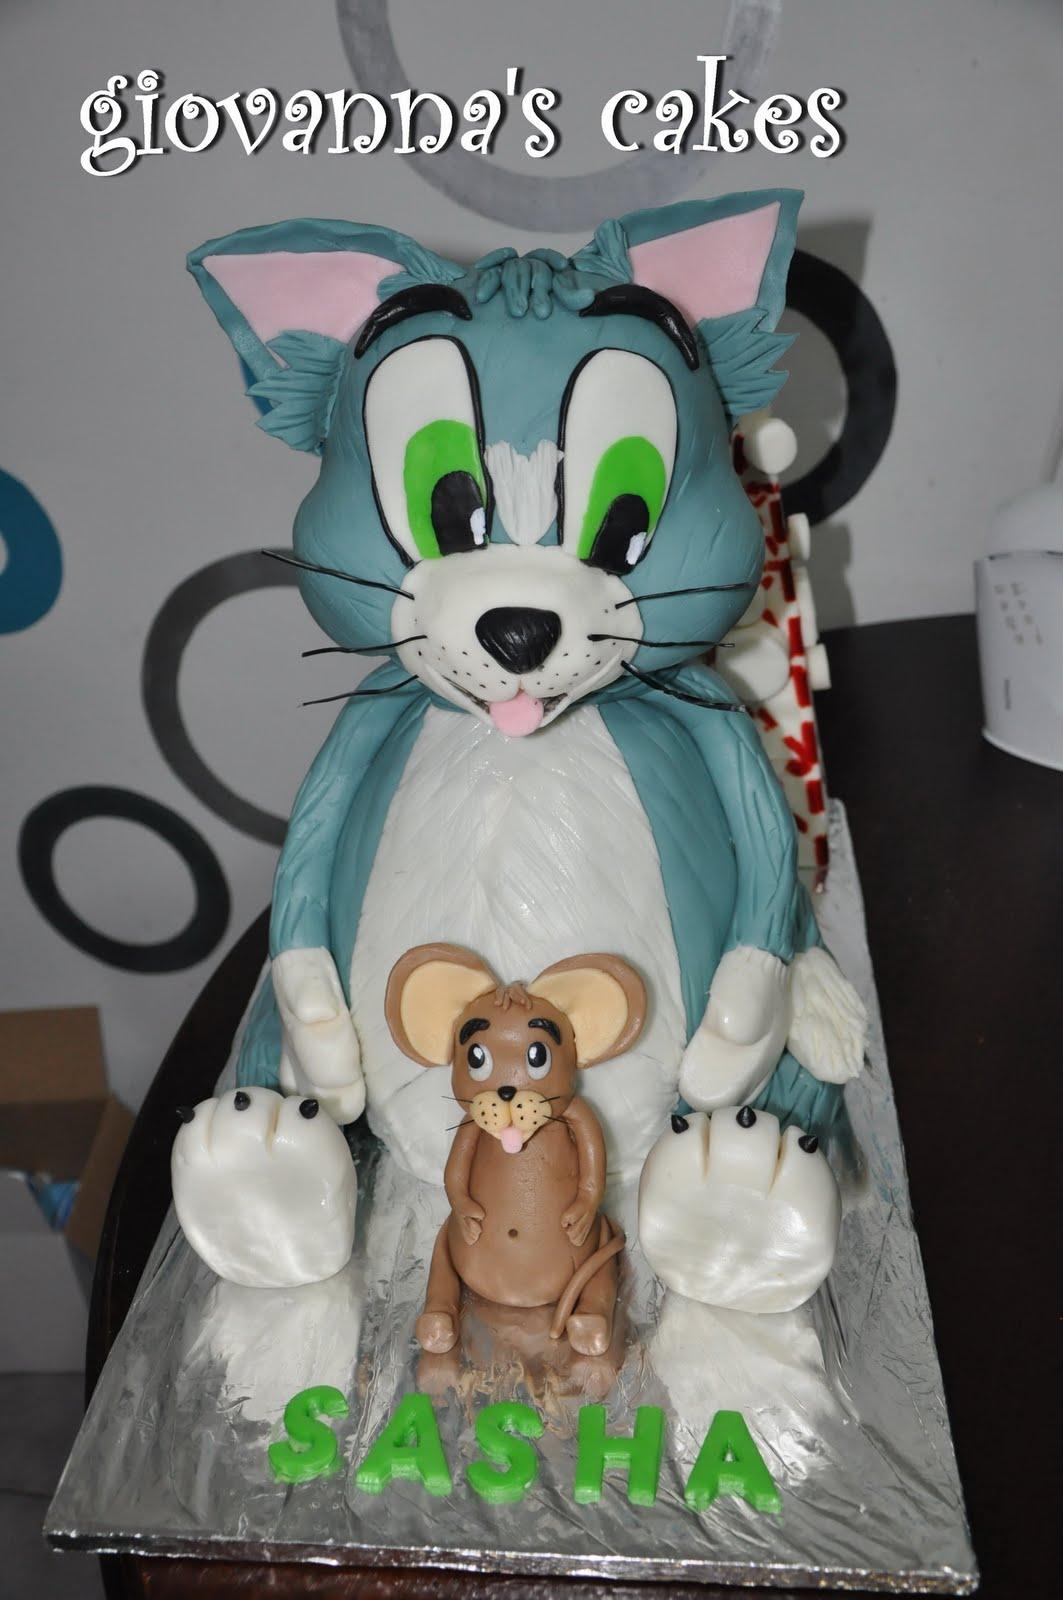 giovannas cakes Tom Jerry look alike cake